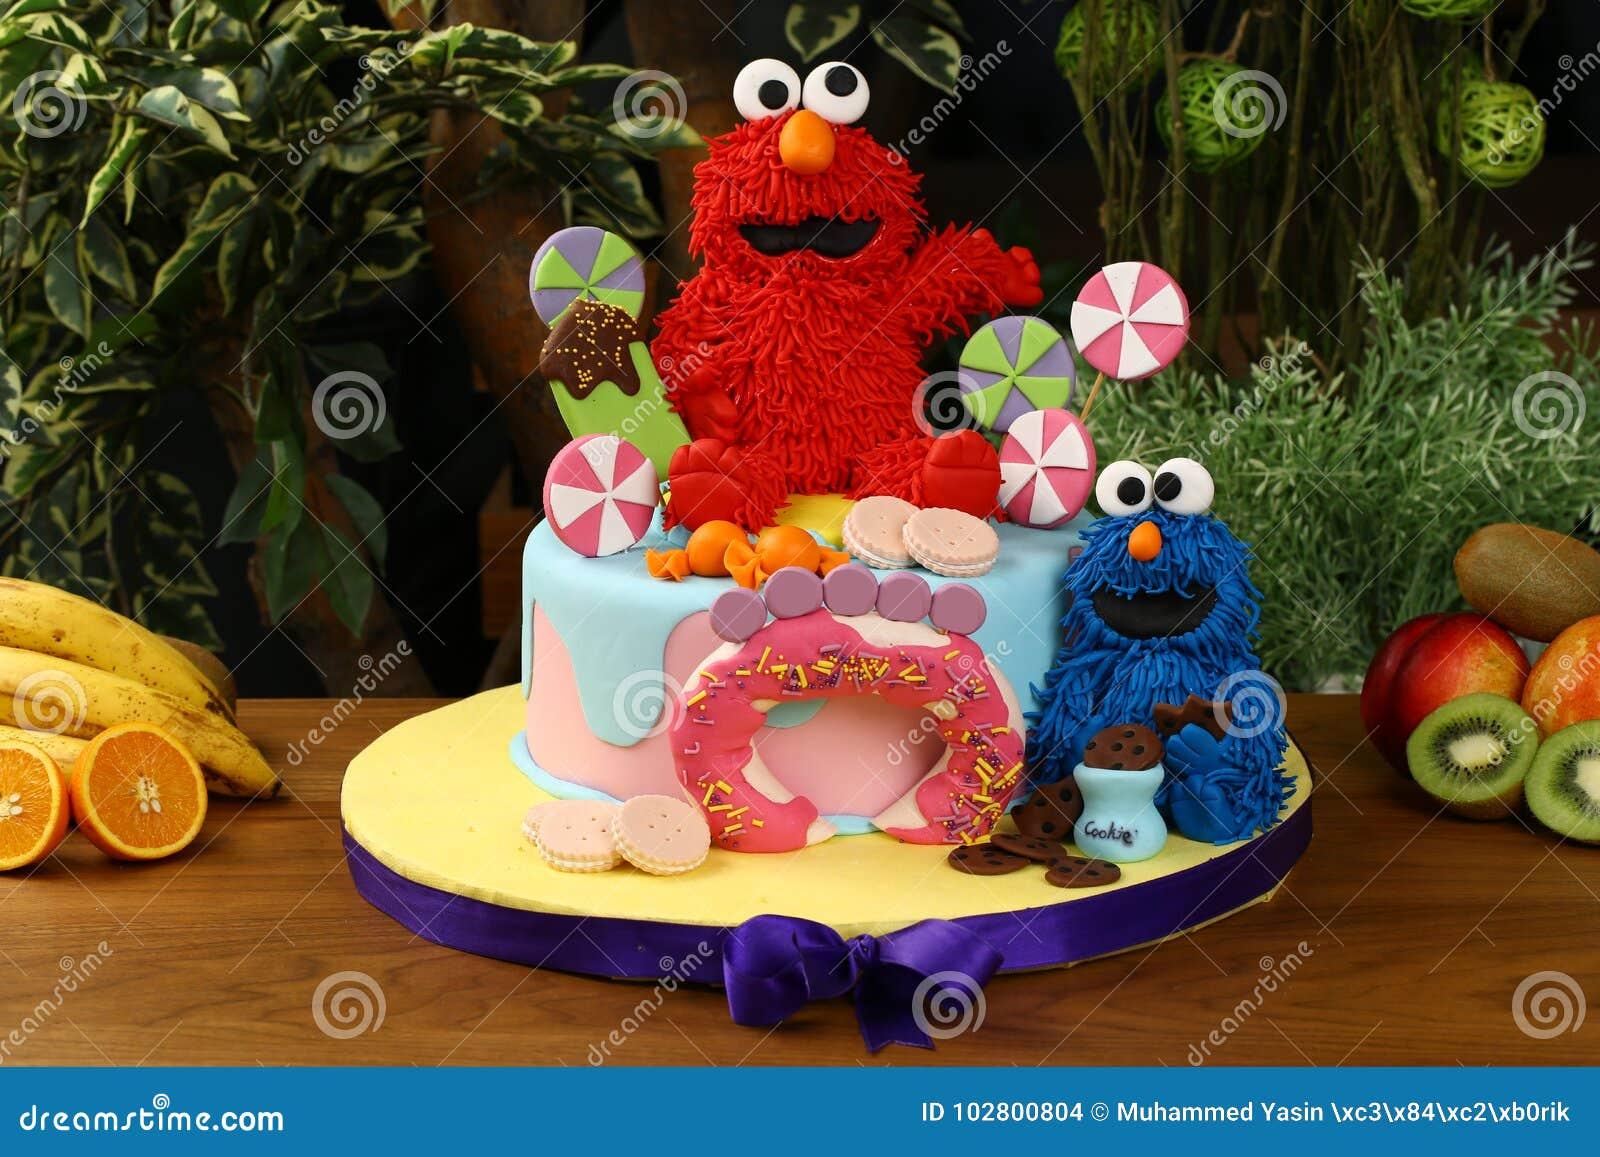 De partijcake van de jonge geitjesverjaardag - het concept van koekjesmonsters